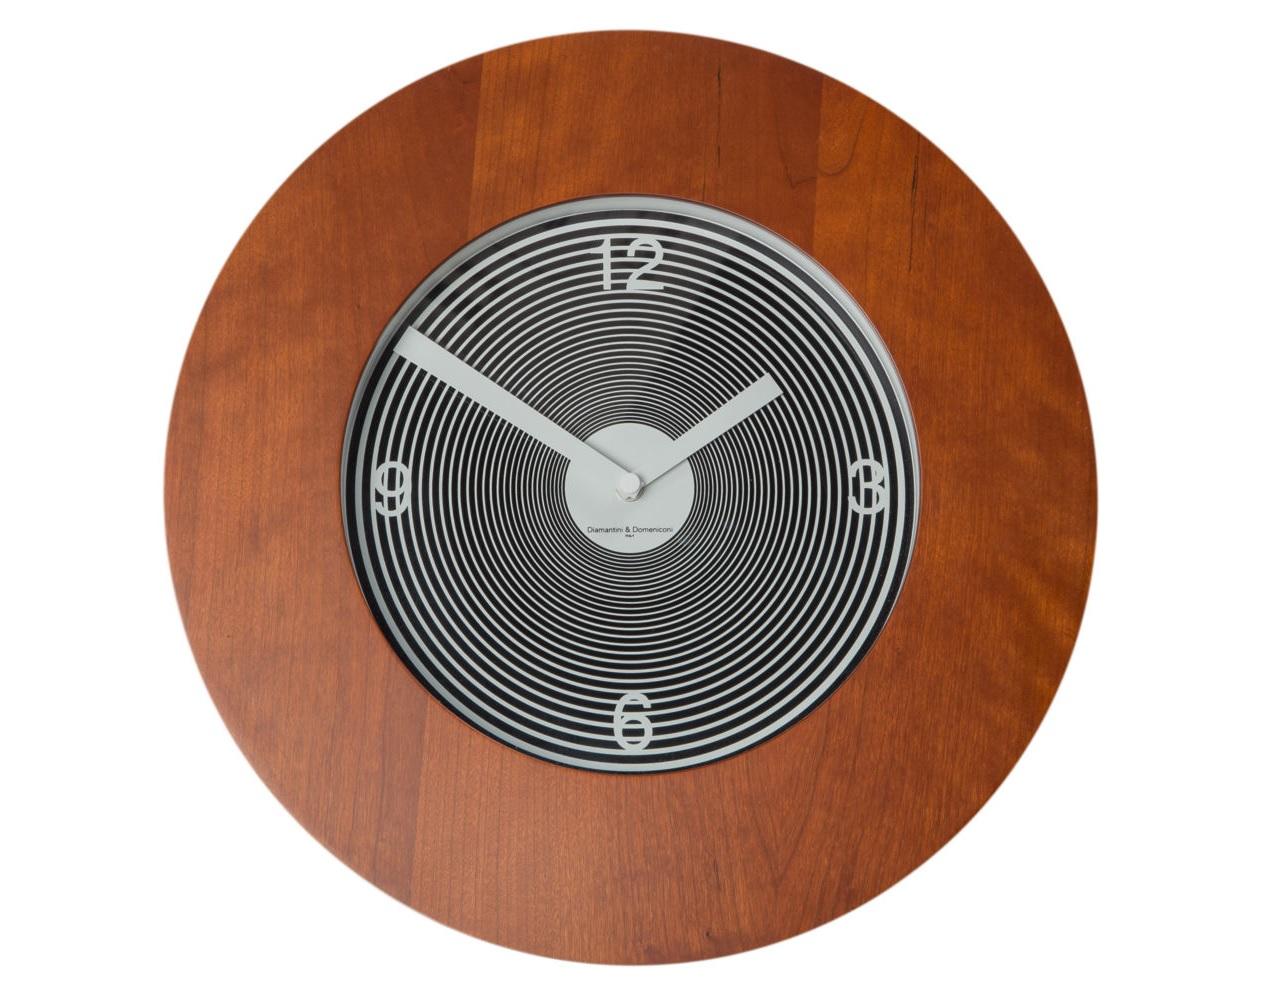 Часы настенные TargetНастенные часы<br>Кварцевый механизм<br><br>Material: Дерево<br>Глубина см: 3